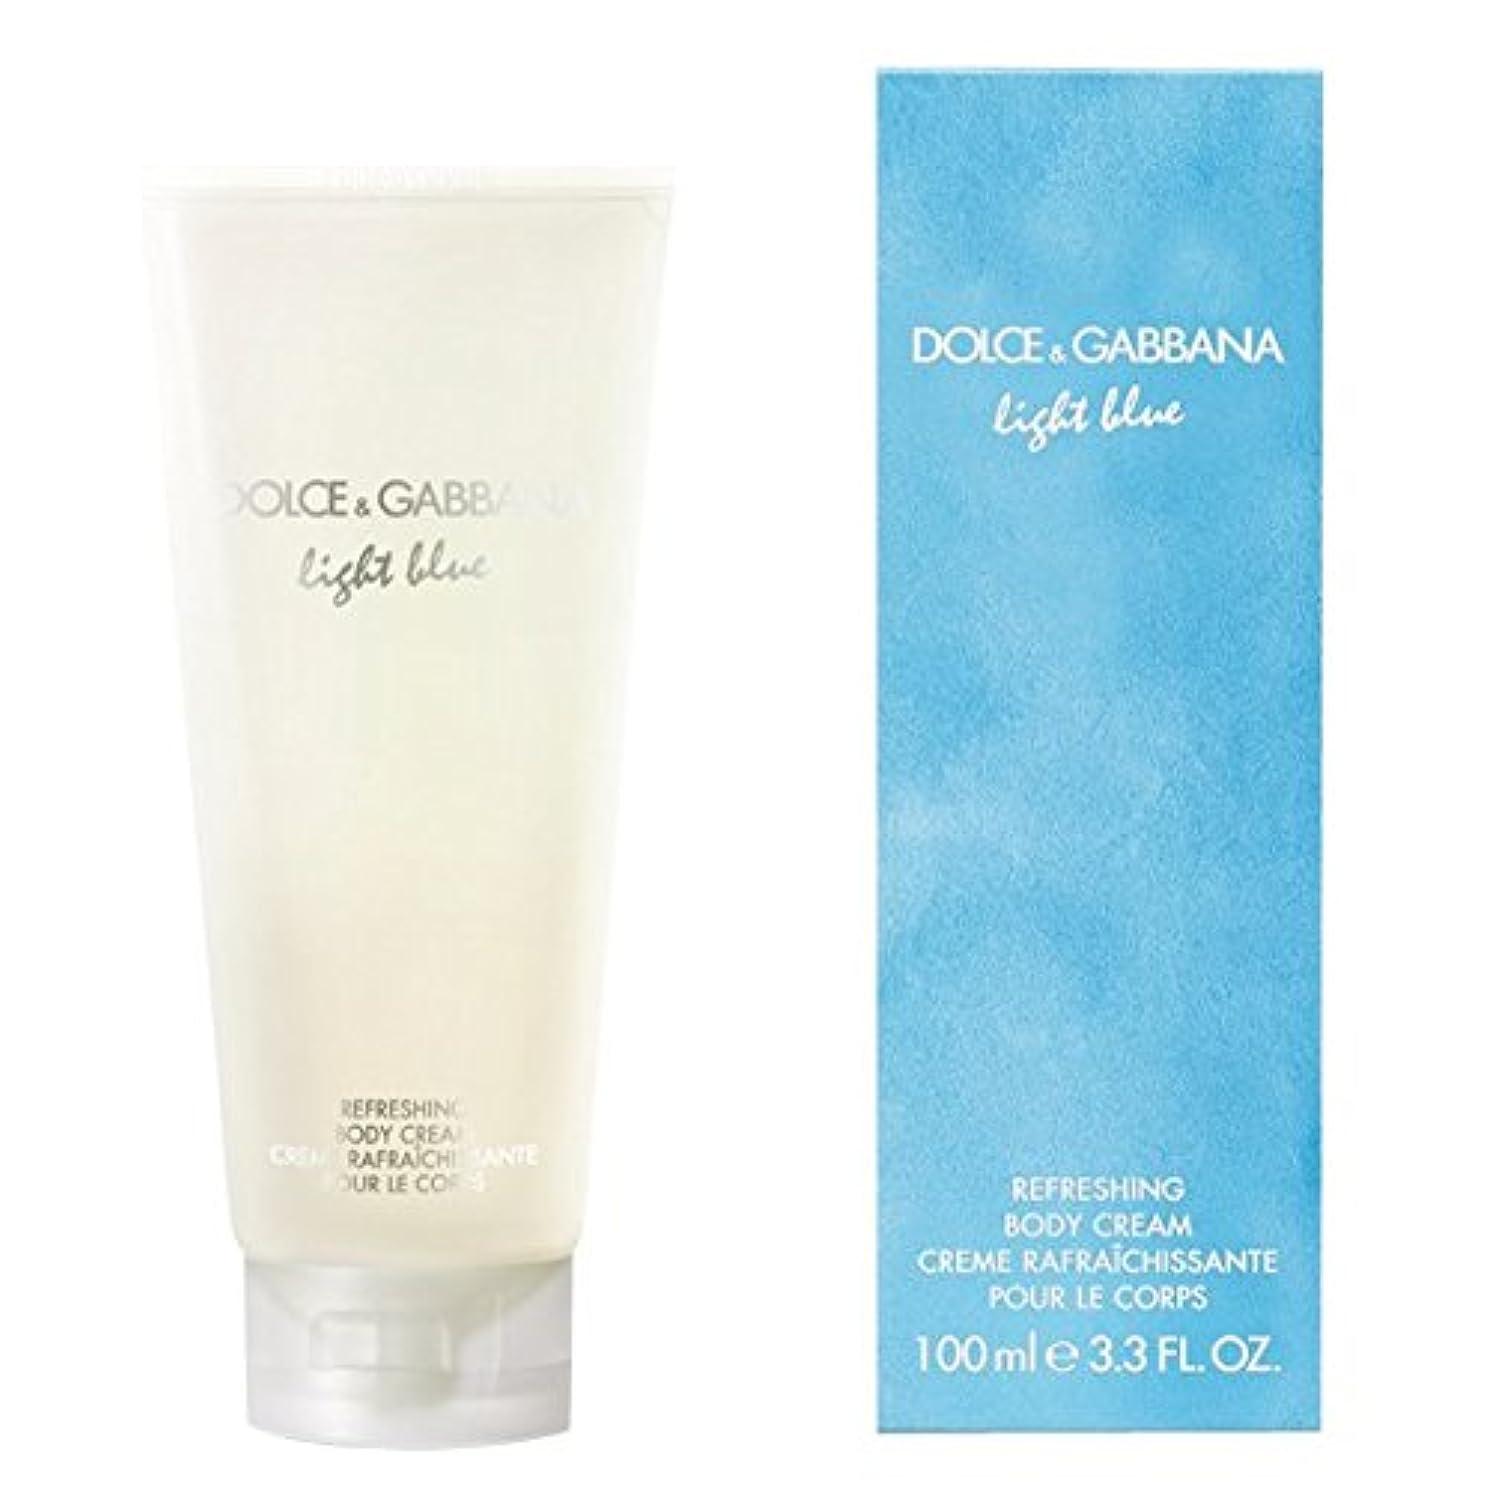 シャイニングウール自殺ドルチェ&ガッバーナライトブルーの爽やかなボディクリーム200ミリリットル (Dolce & Gabbana) (x2) - Dolce & Gabbana Light Blue Refreshing Body Cream...